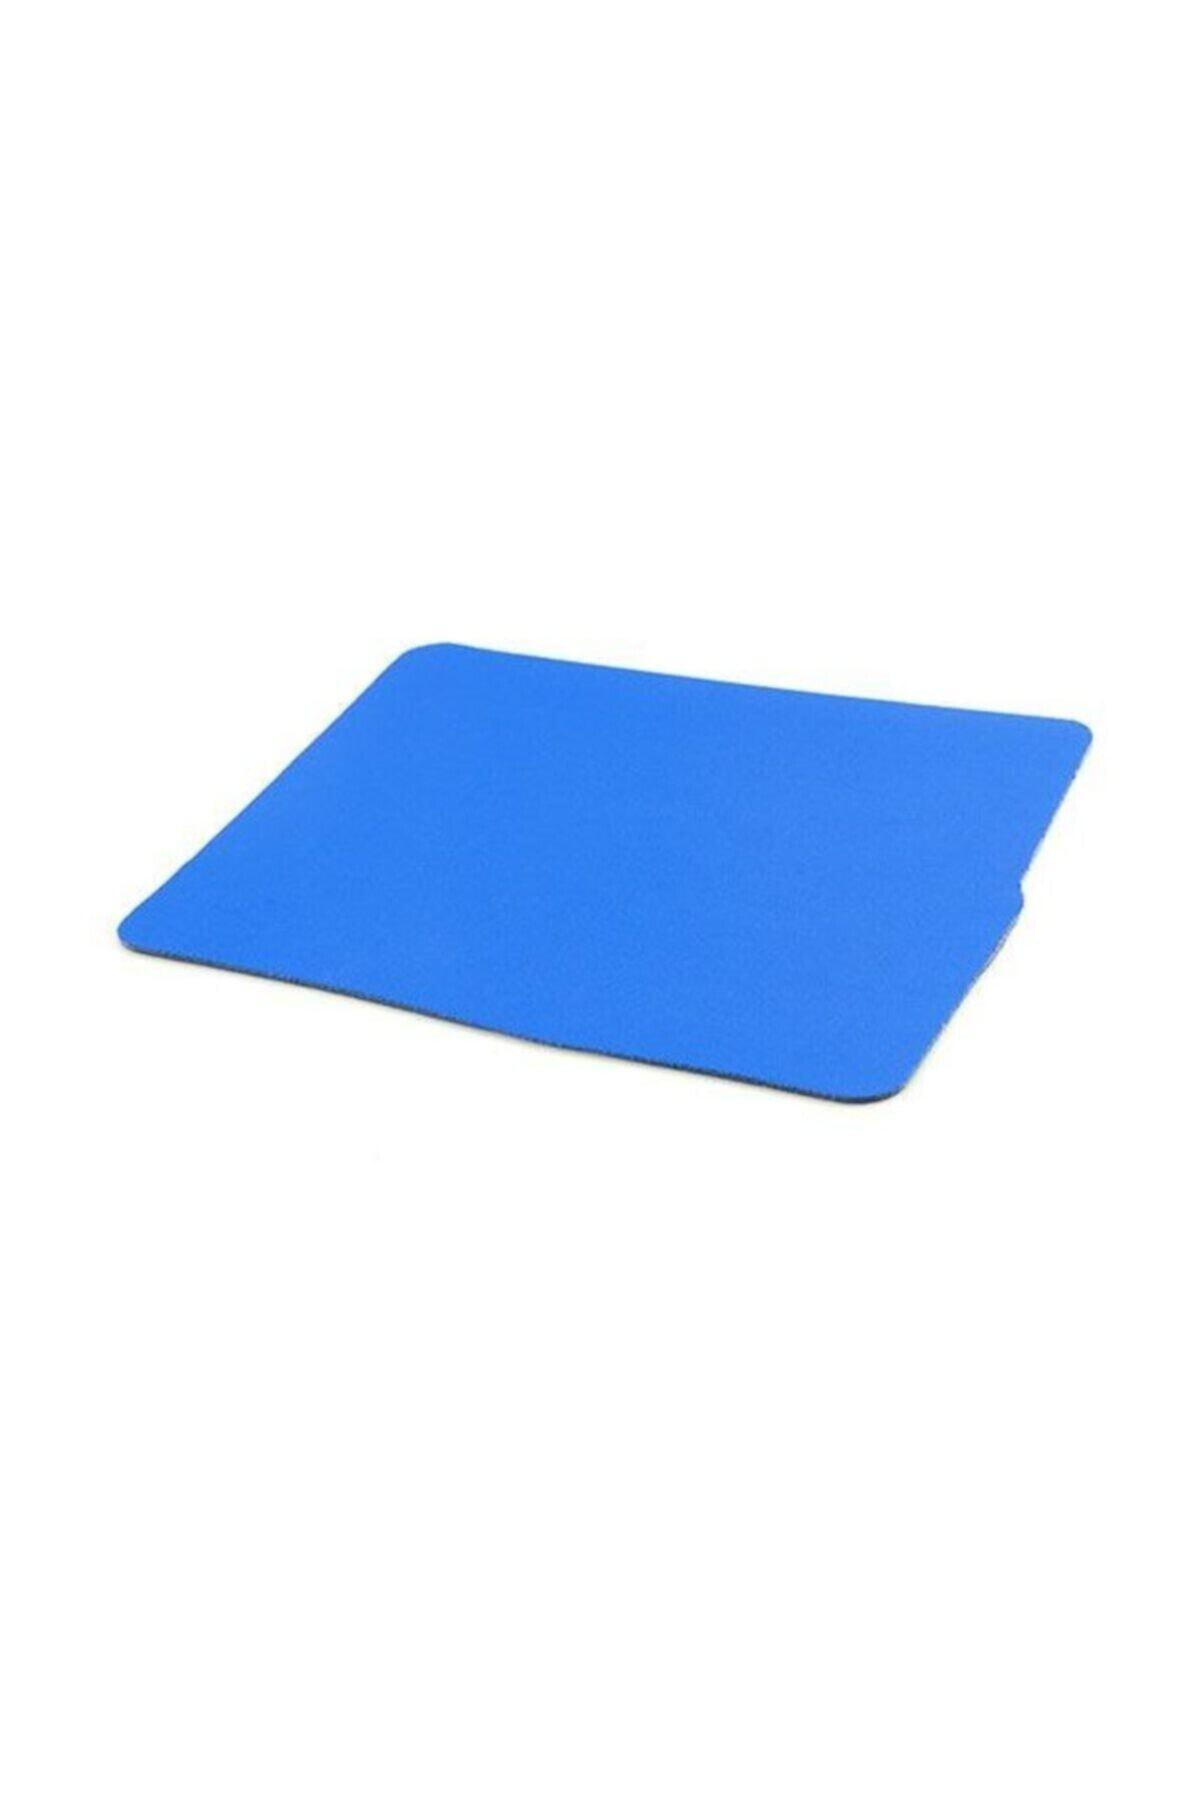 ADDISON 300144 Mavi Mouse Pad 1